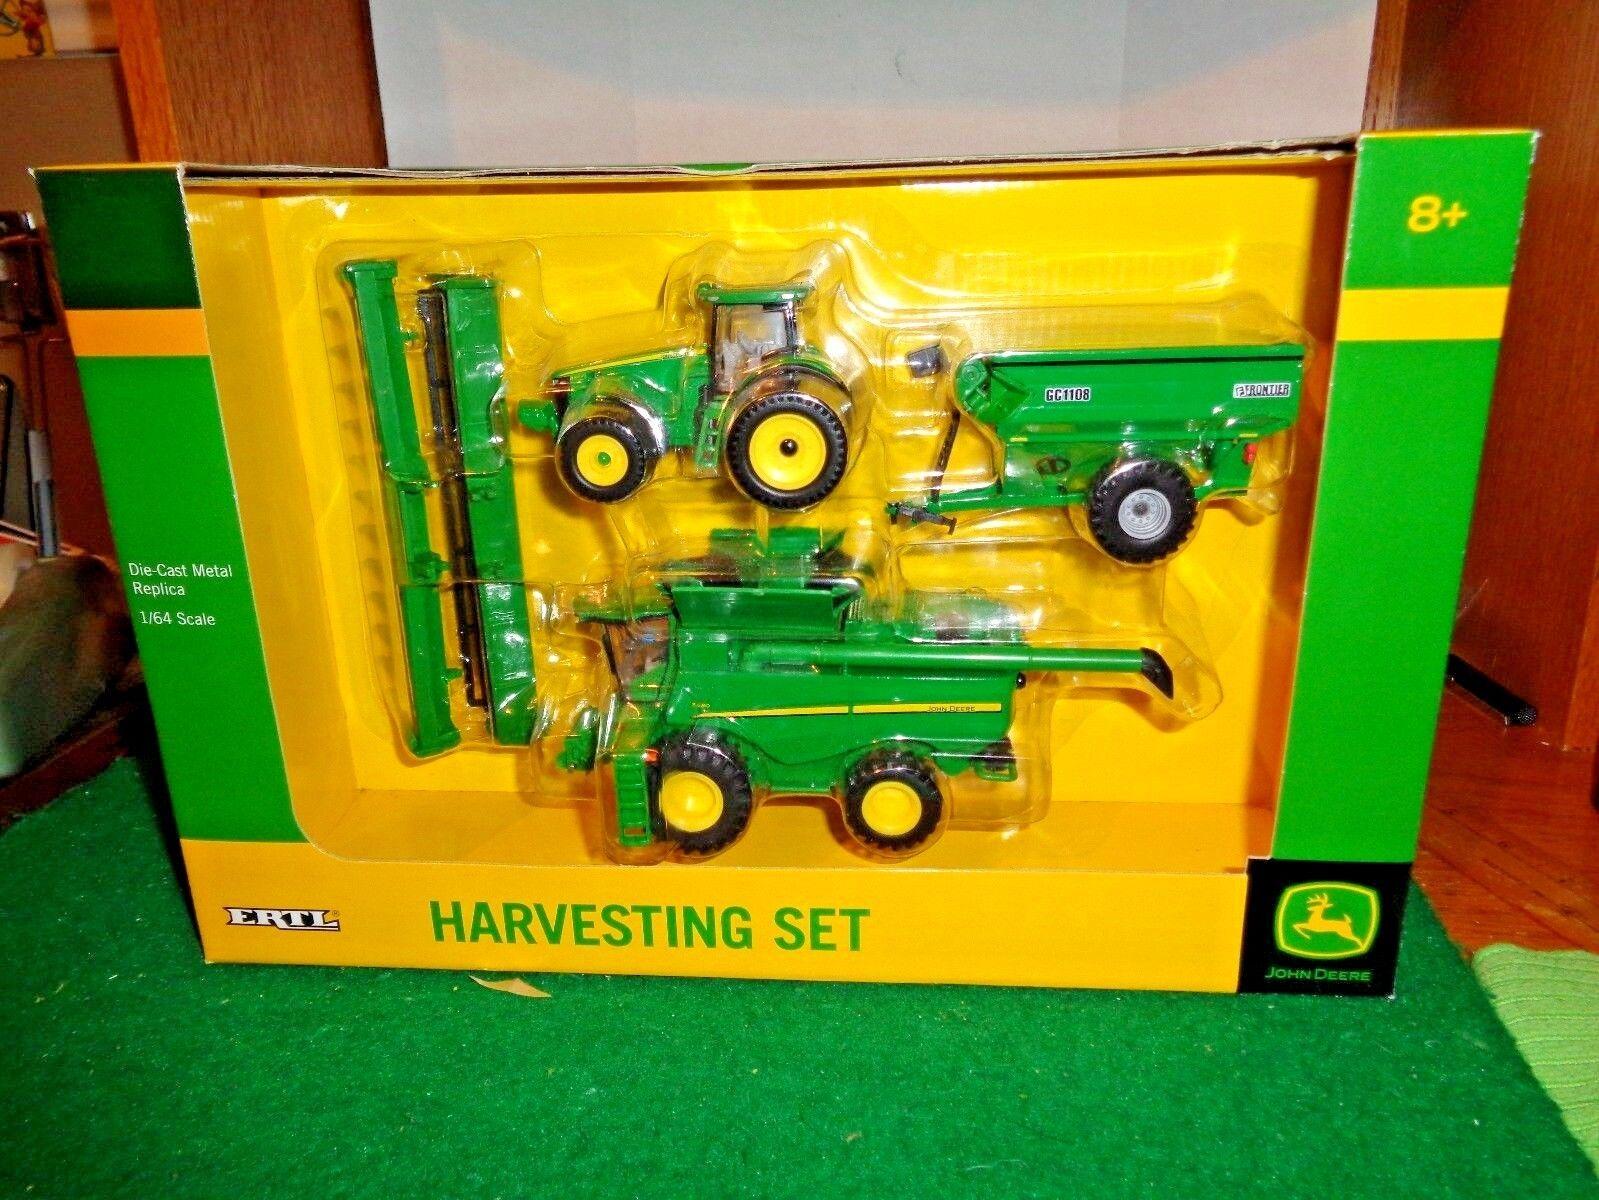 Ertl John Deere Harvesting Set in 1 64 Scale